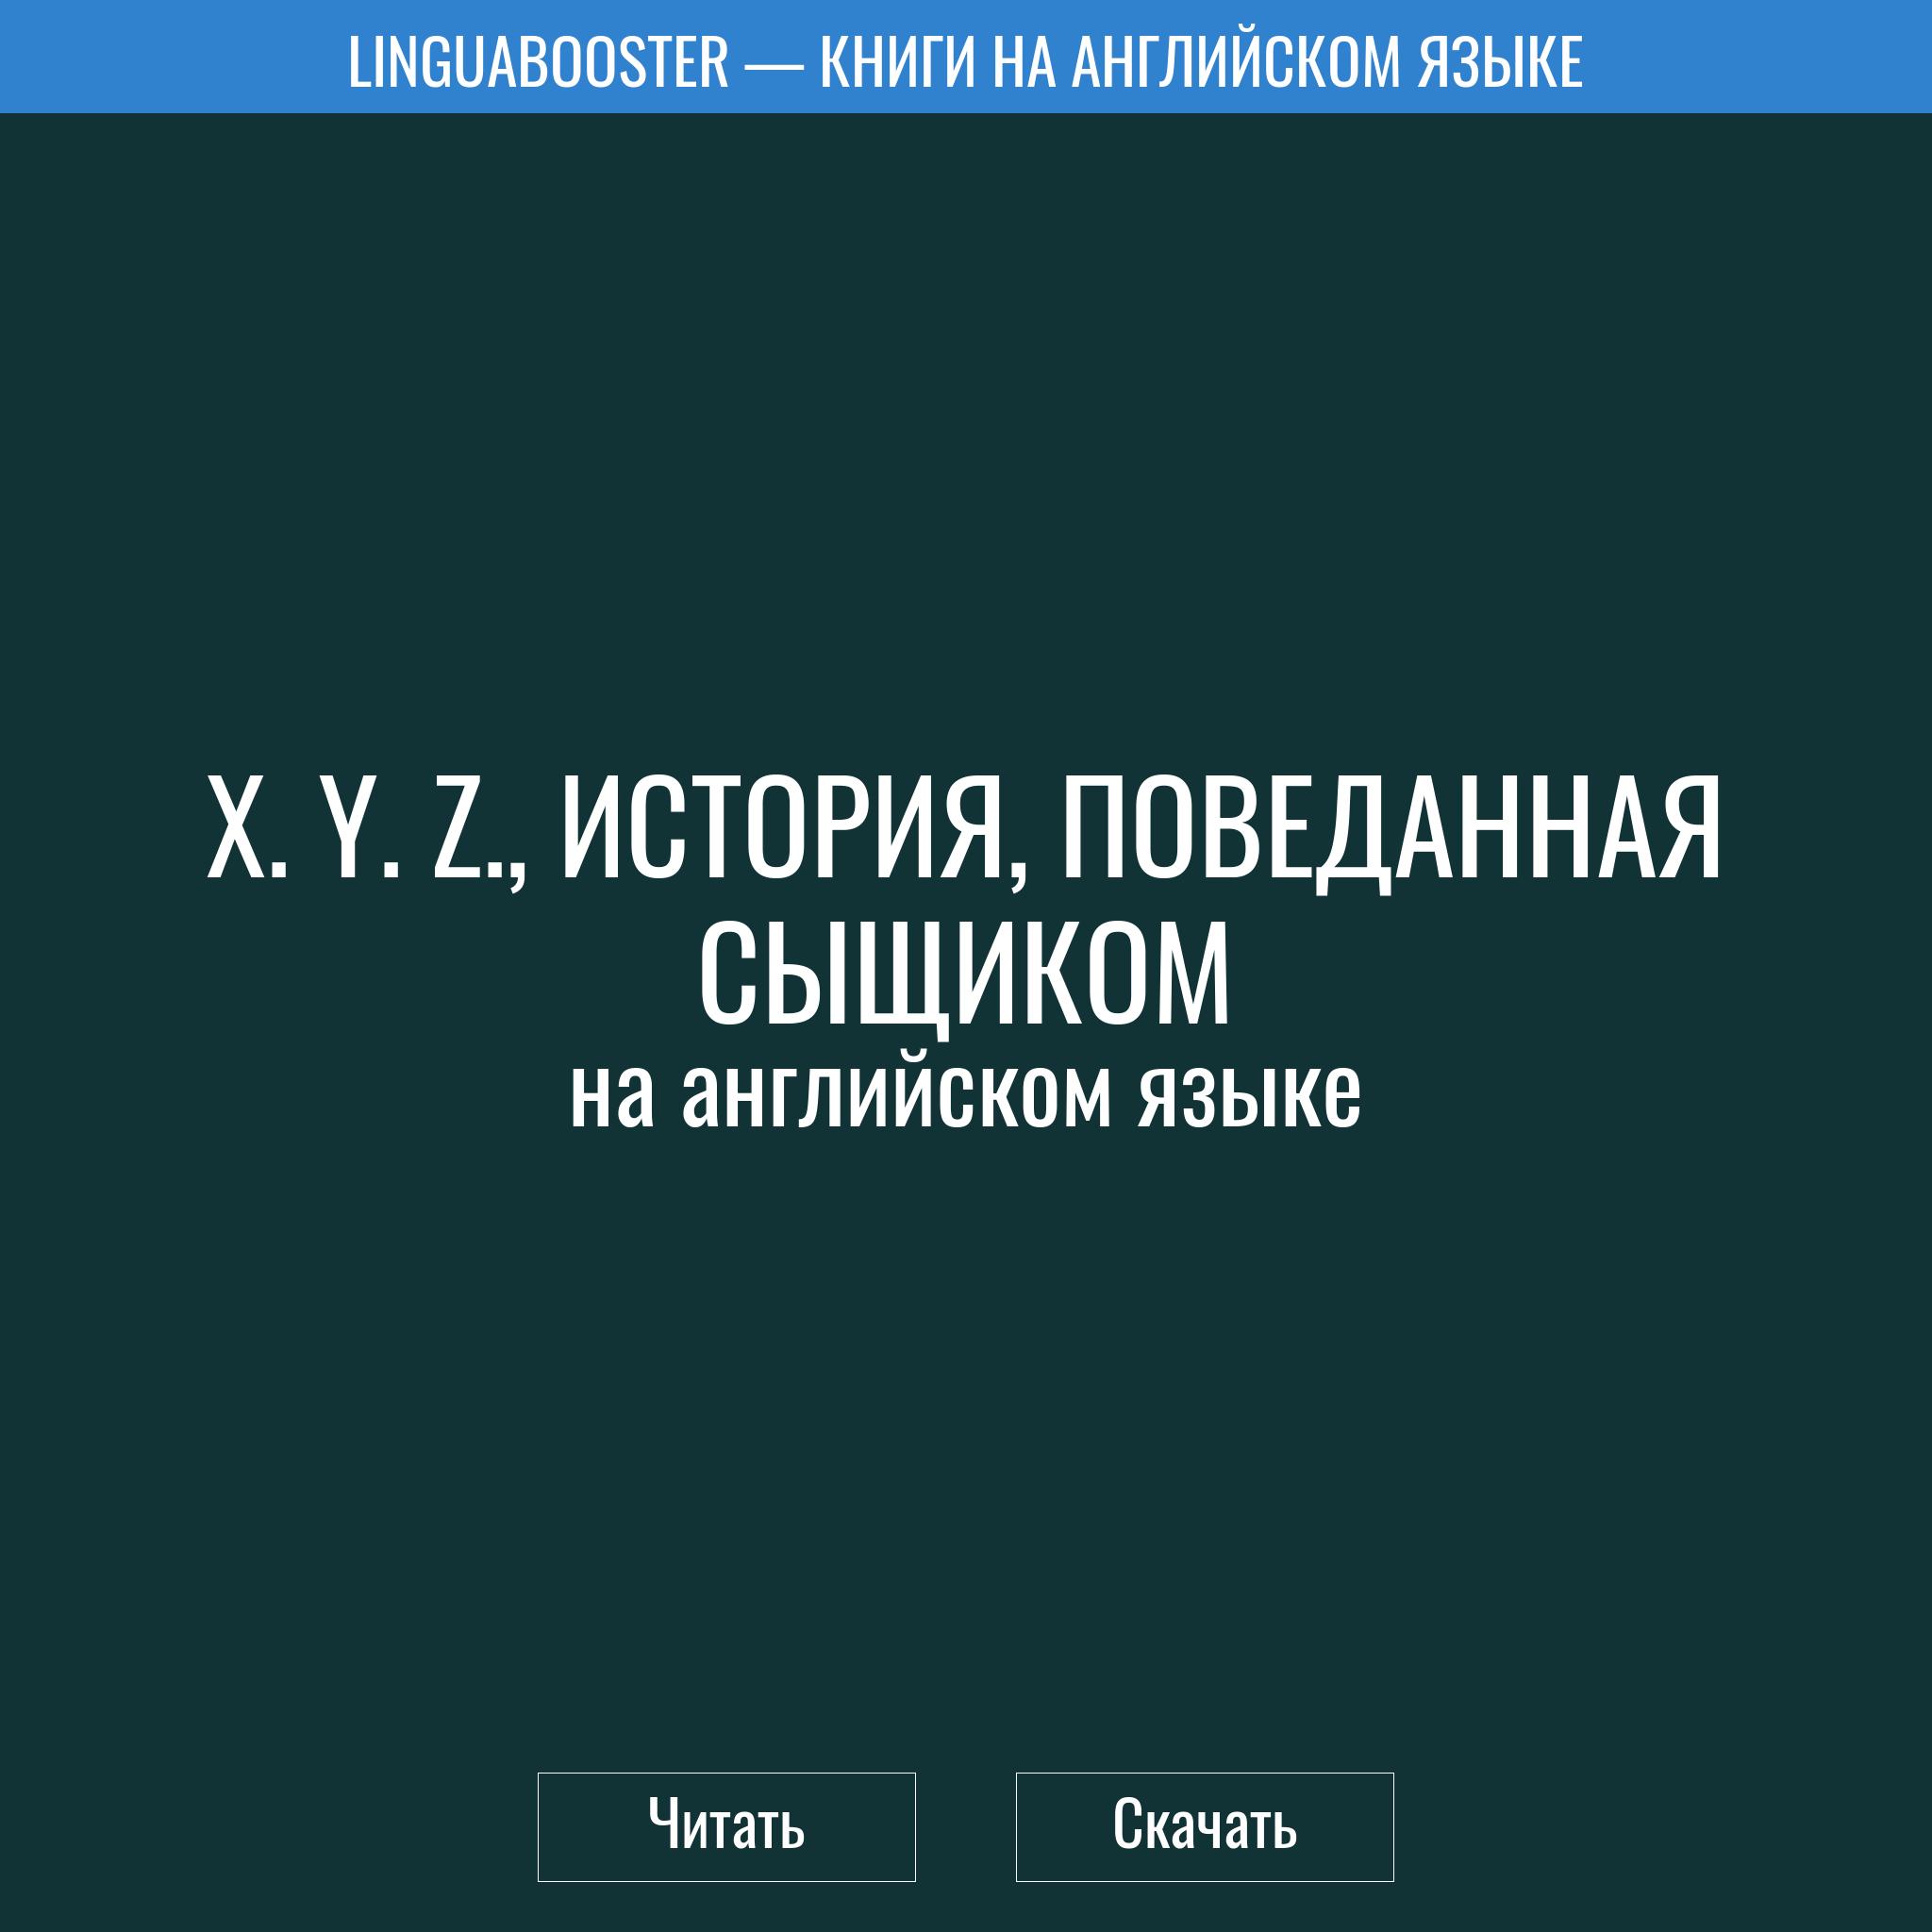 Читать книгу  «X. Y. Z., история, поведанная сыщиком»